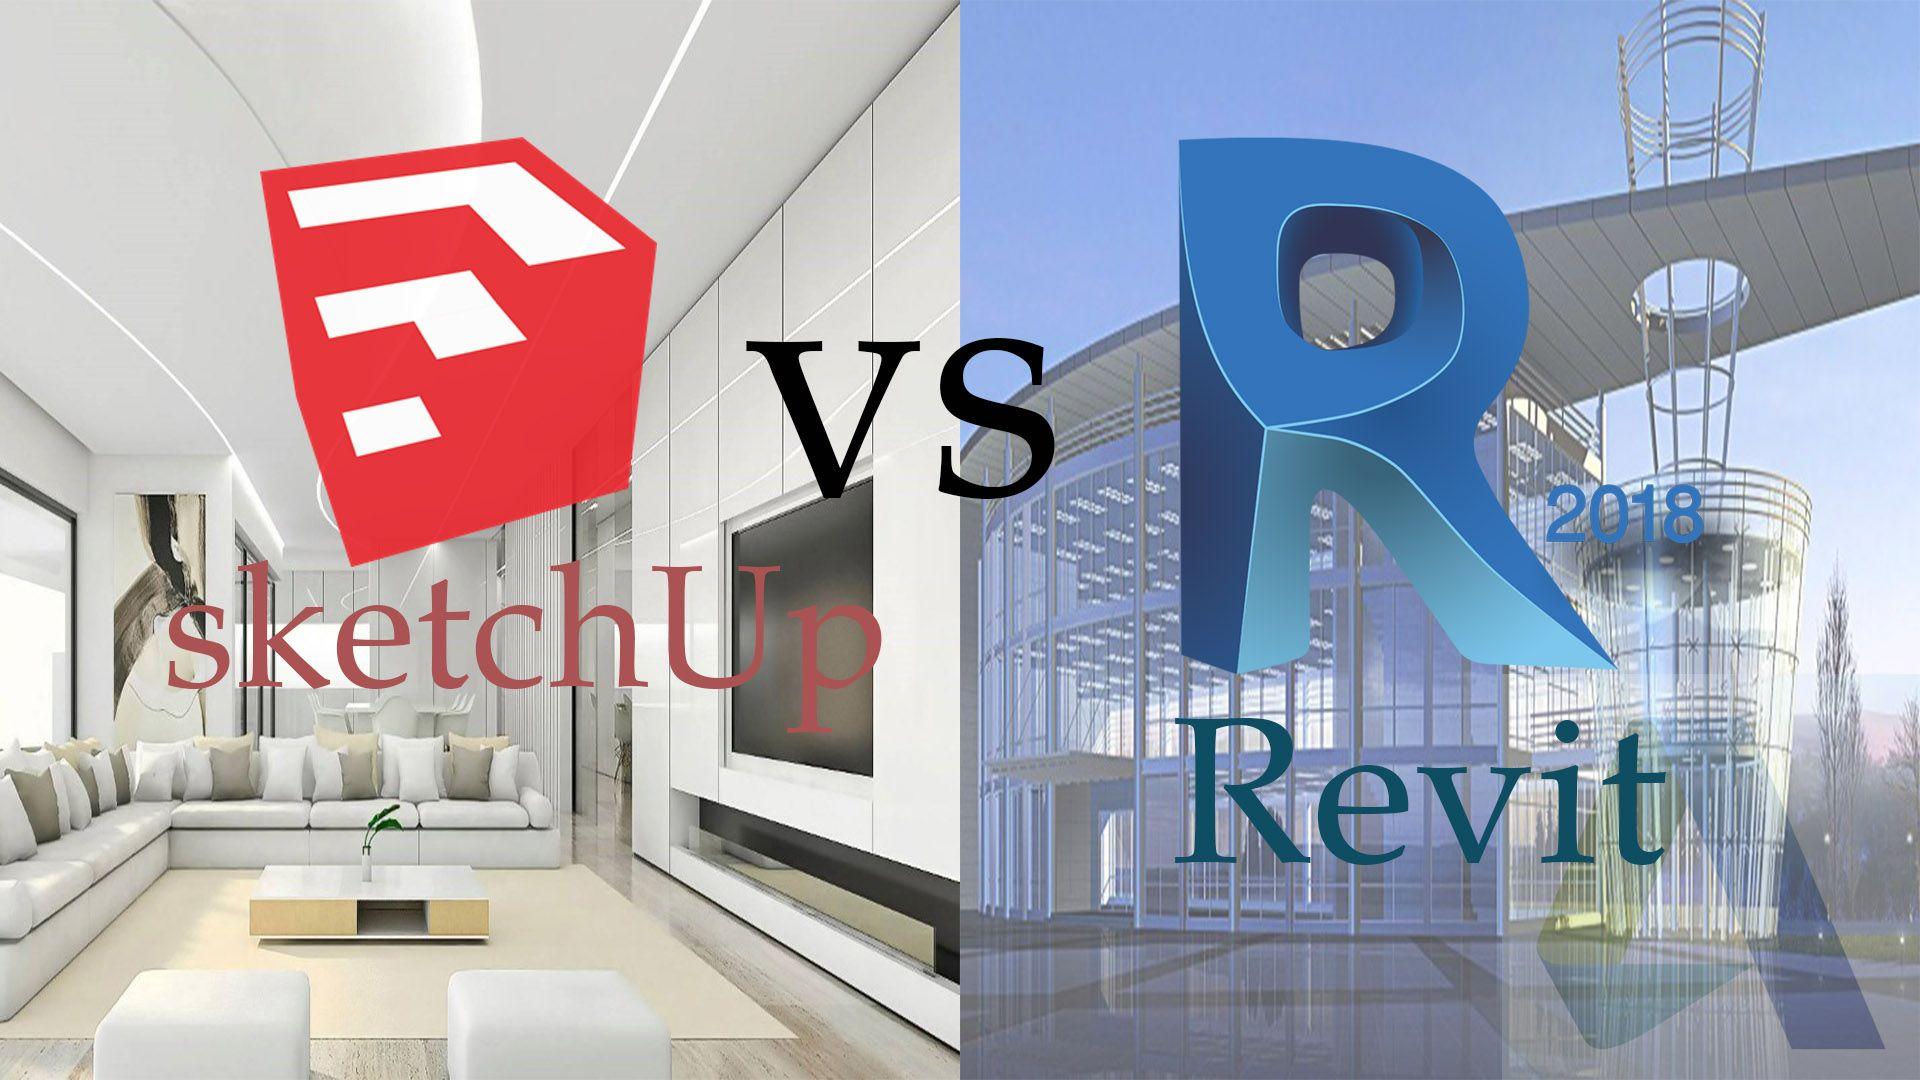 sketchUp vs Revit en espanol cual es el mejor comparacion